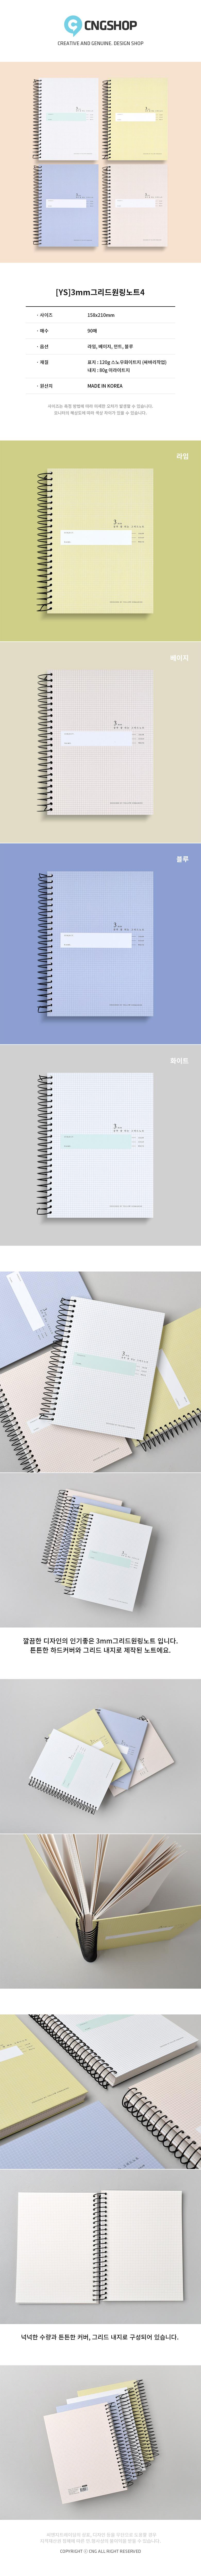 [YS]3mm그리드원링노트4 - 씨엔지트레이딩, 3,000원, 스프링노트, 유선노트